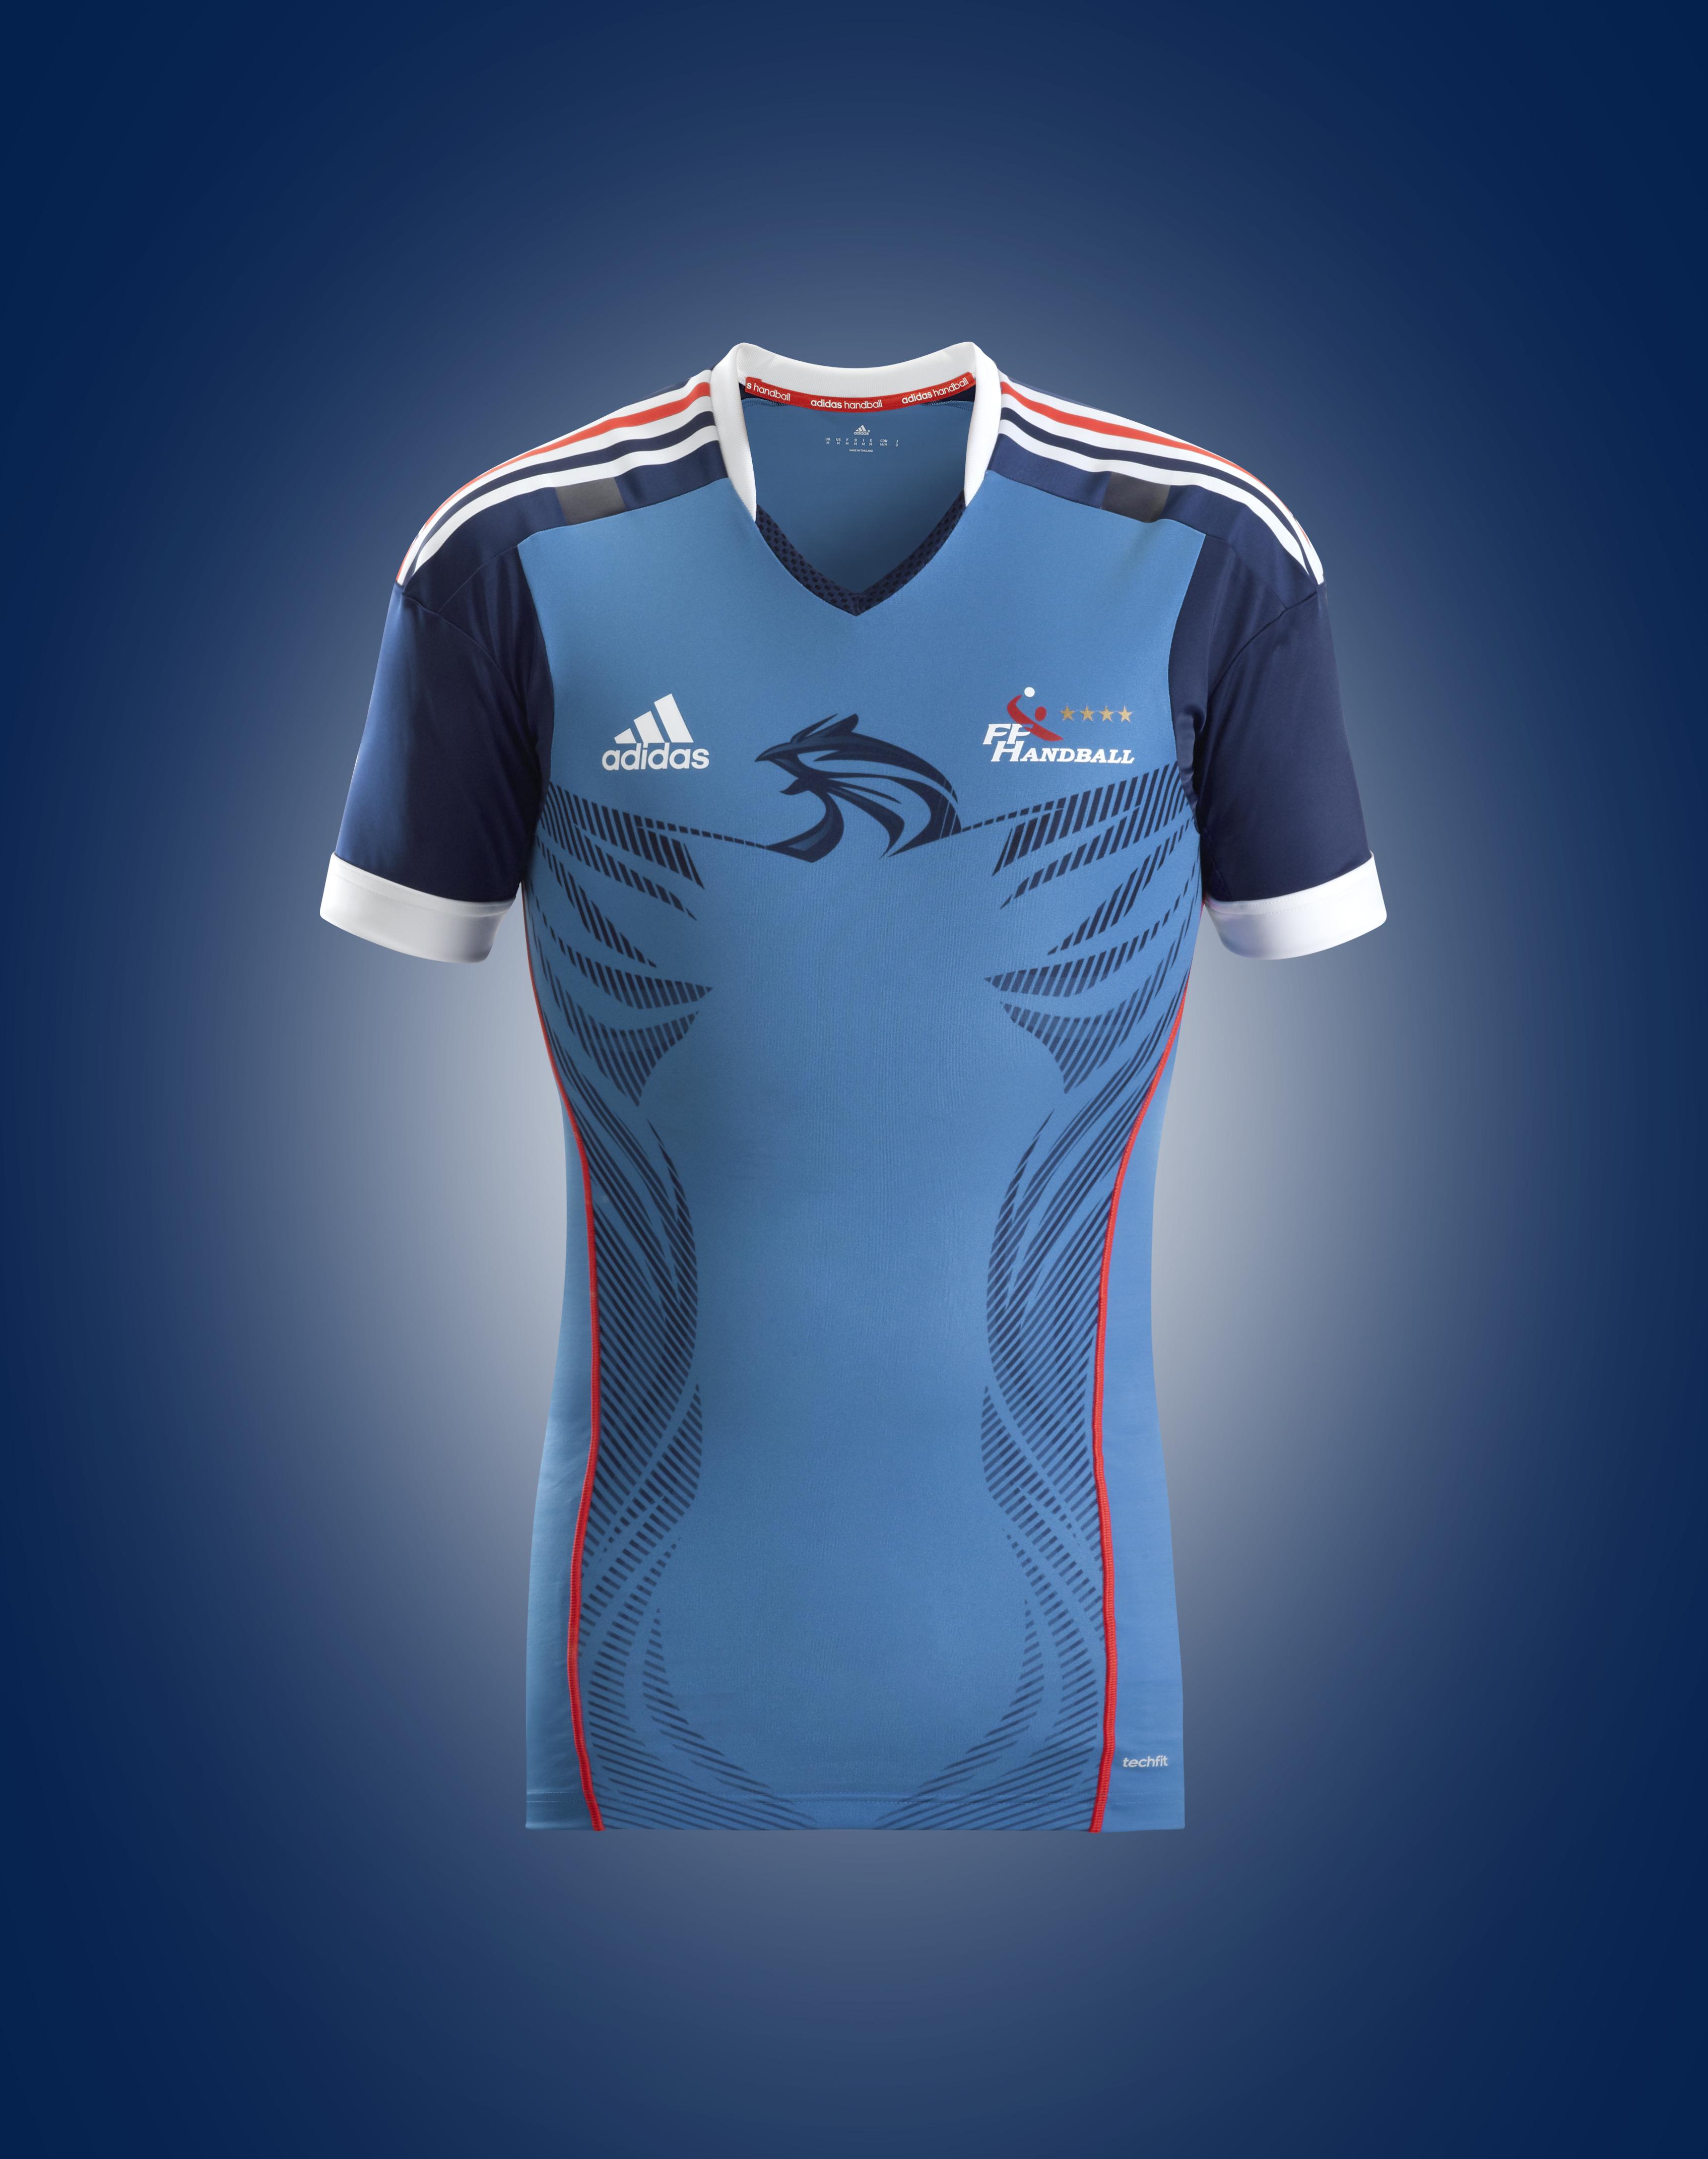 nouveaux maillots de l 39 equipe de france de handball adidas. Black Bedroom Furniture Sets. Home Design Ideas